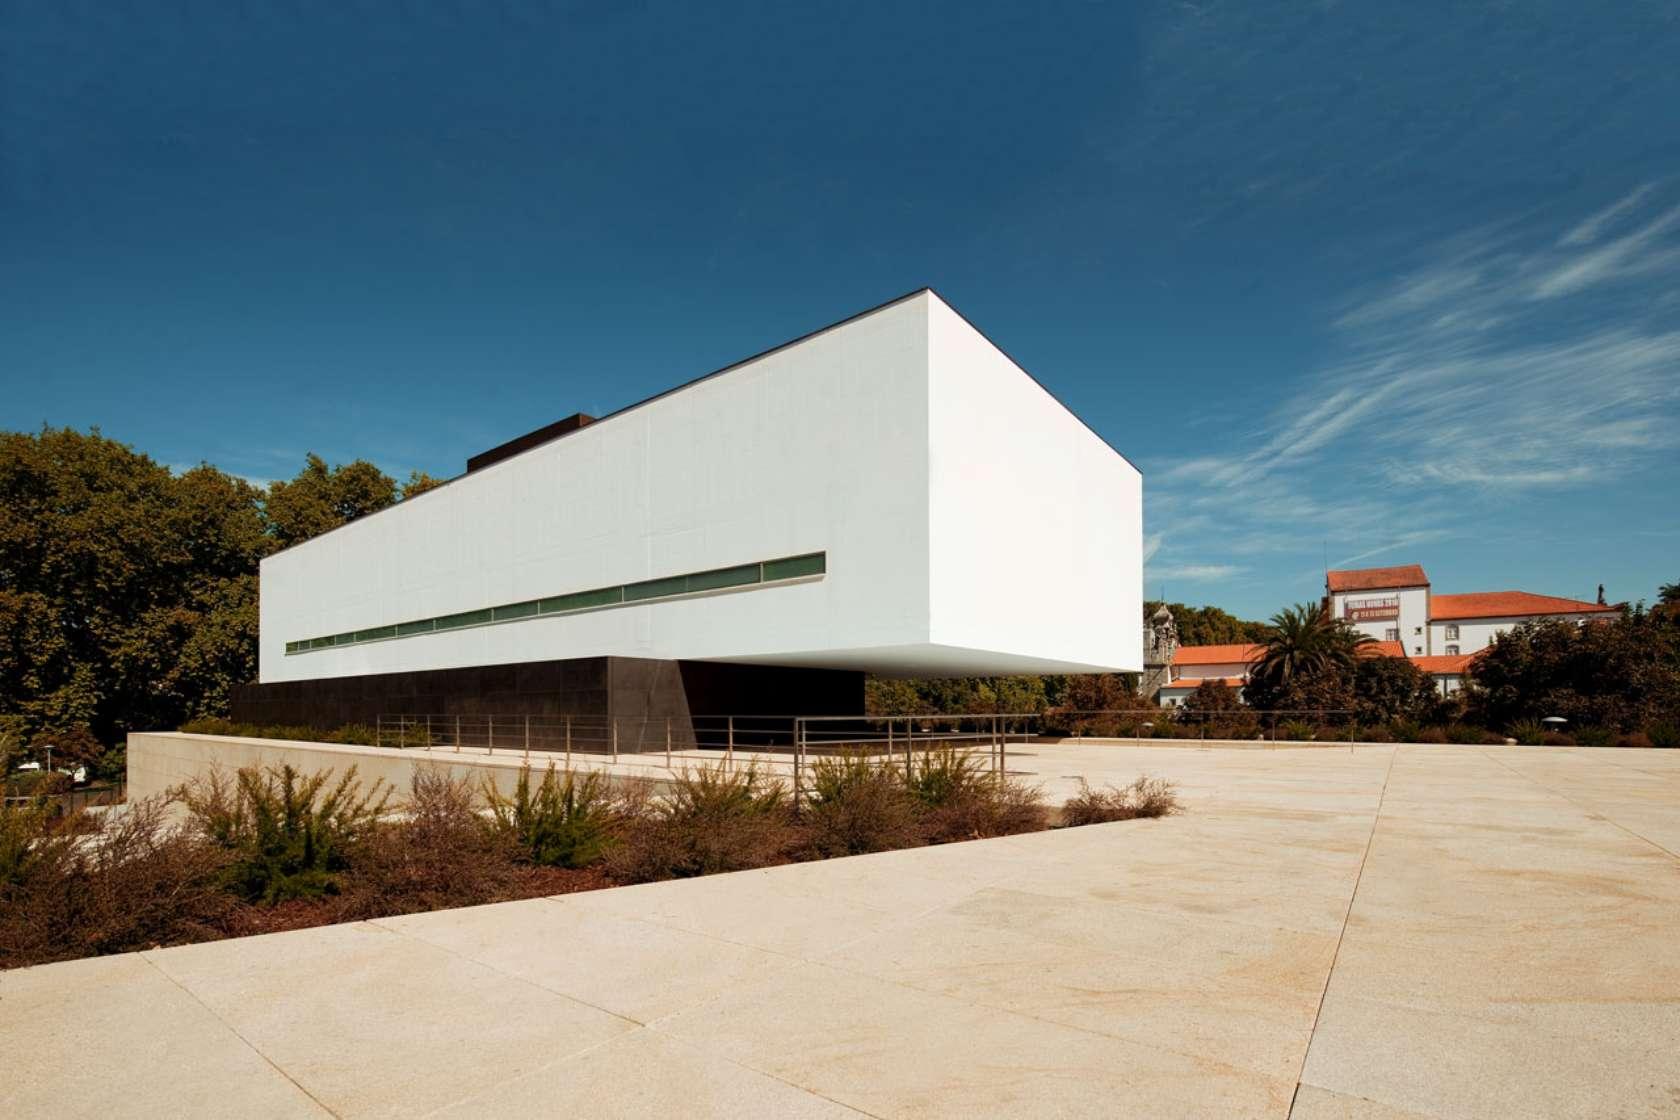 Topos atelier de arquitectura lda architizer - Atelier arquitectura ...